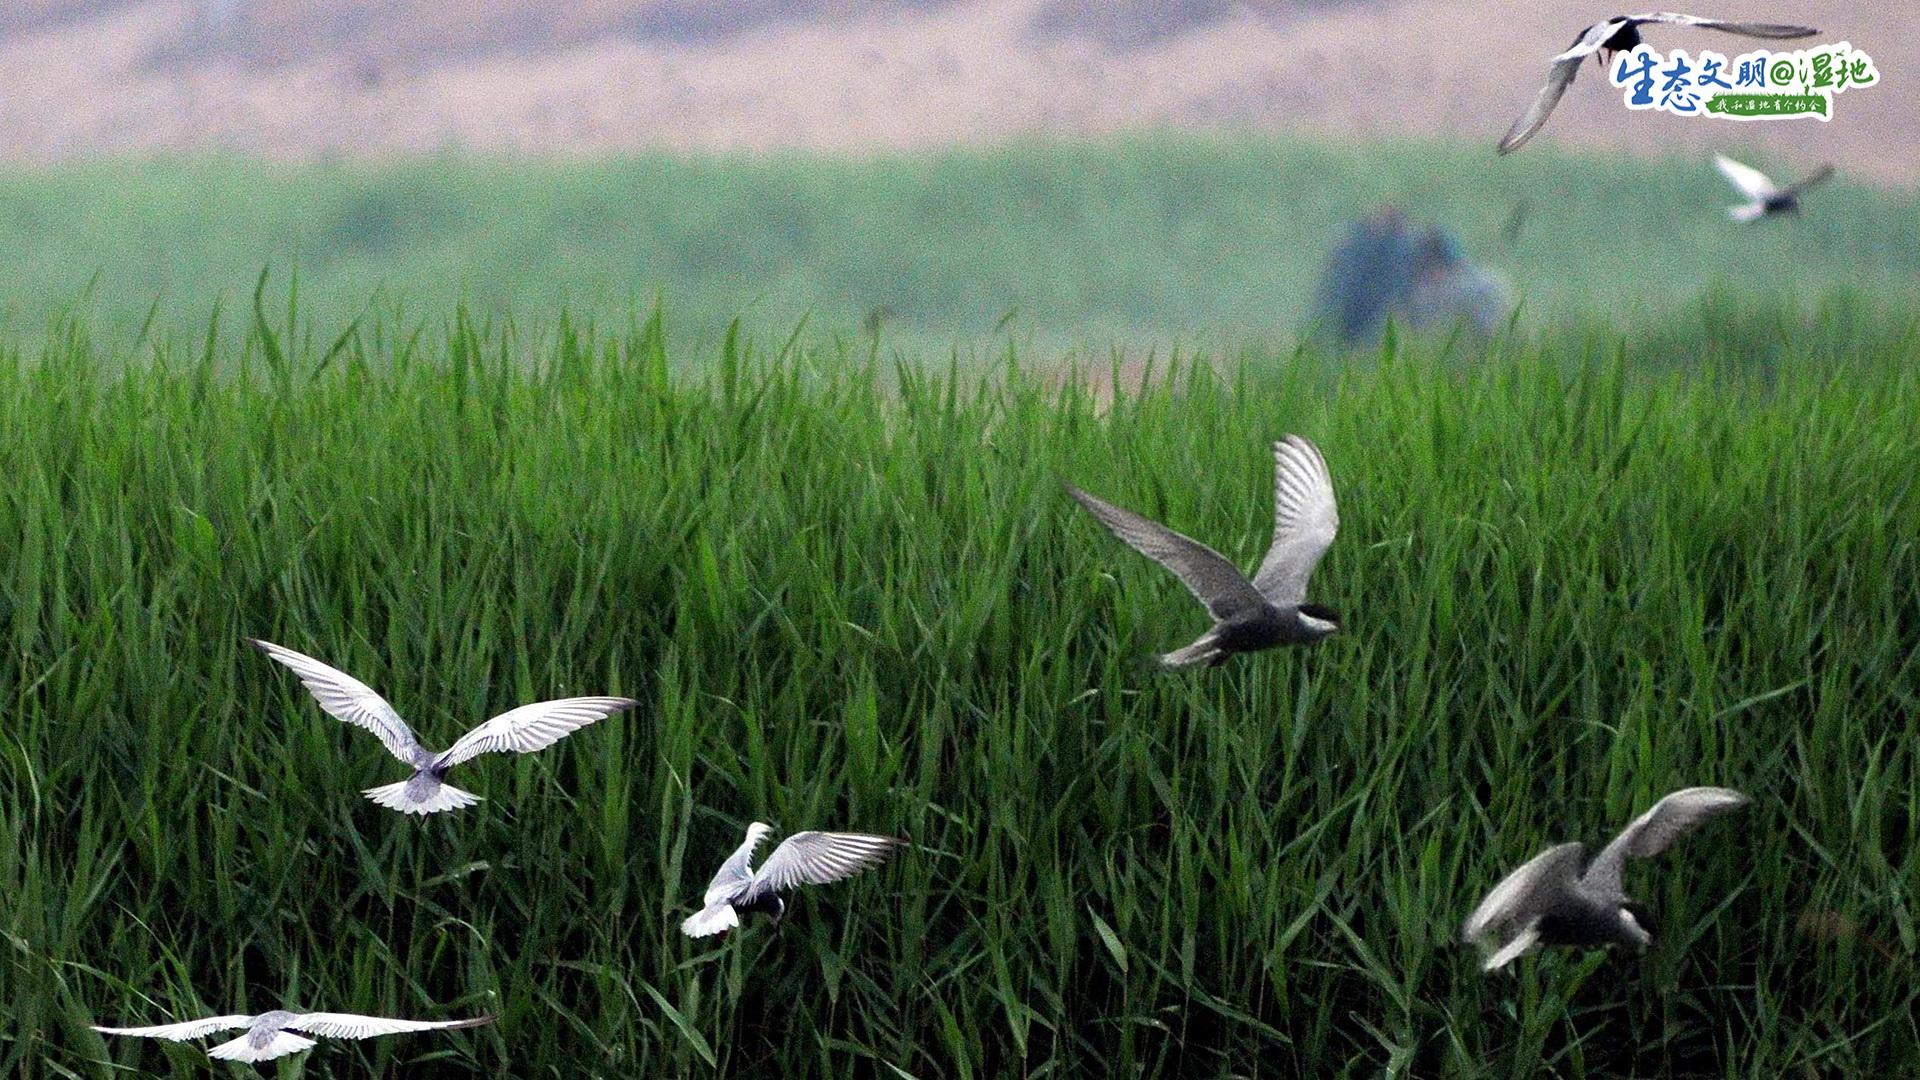 """初冬的北大港湿地,深红的碱蓬草,犹如一片""""珊瑚海"""";金黄的芦苇丛,摇曳轻荡在风中。在这自然孕育的环境中,候鸟成为了这里的主人。"""